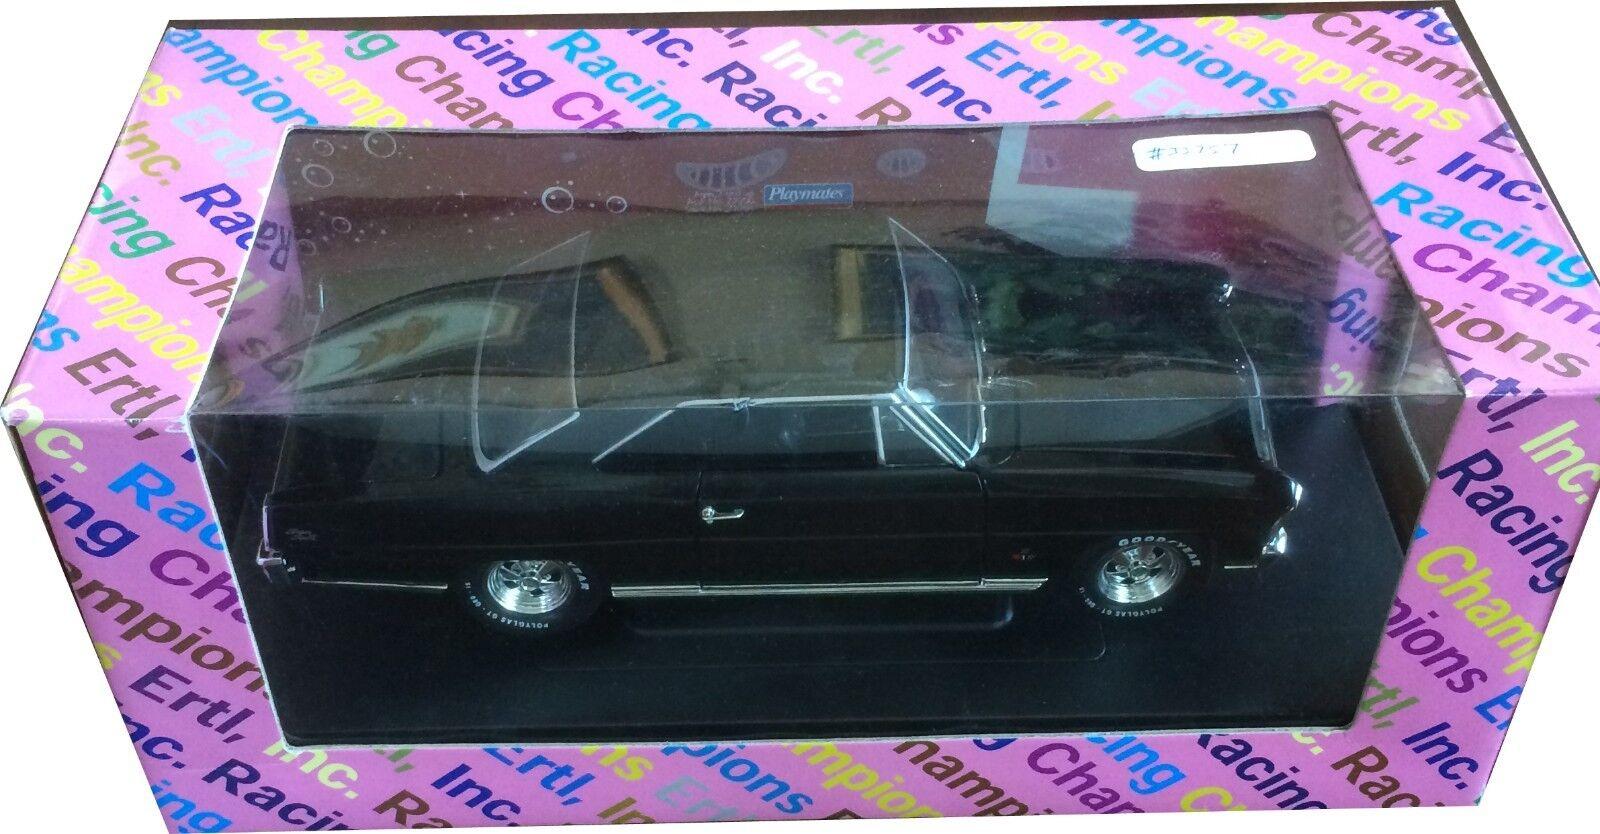 garantía de crédito 1 18 el projootipo de 66 Chevy Nova Negro con con con cajas de prueba por Ertl  El nuevo outlet de marcas online.